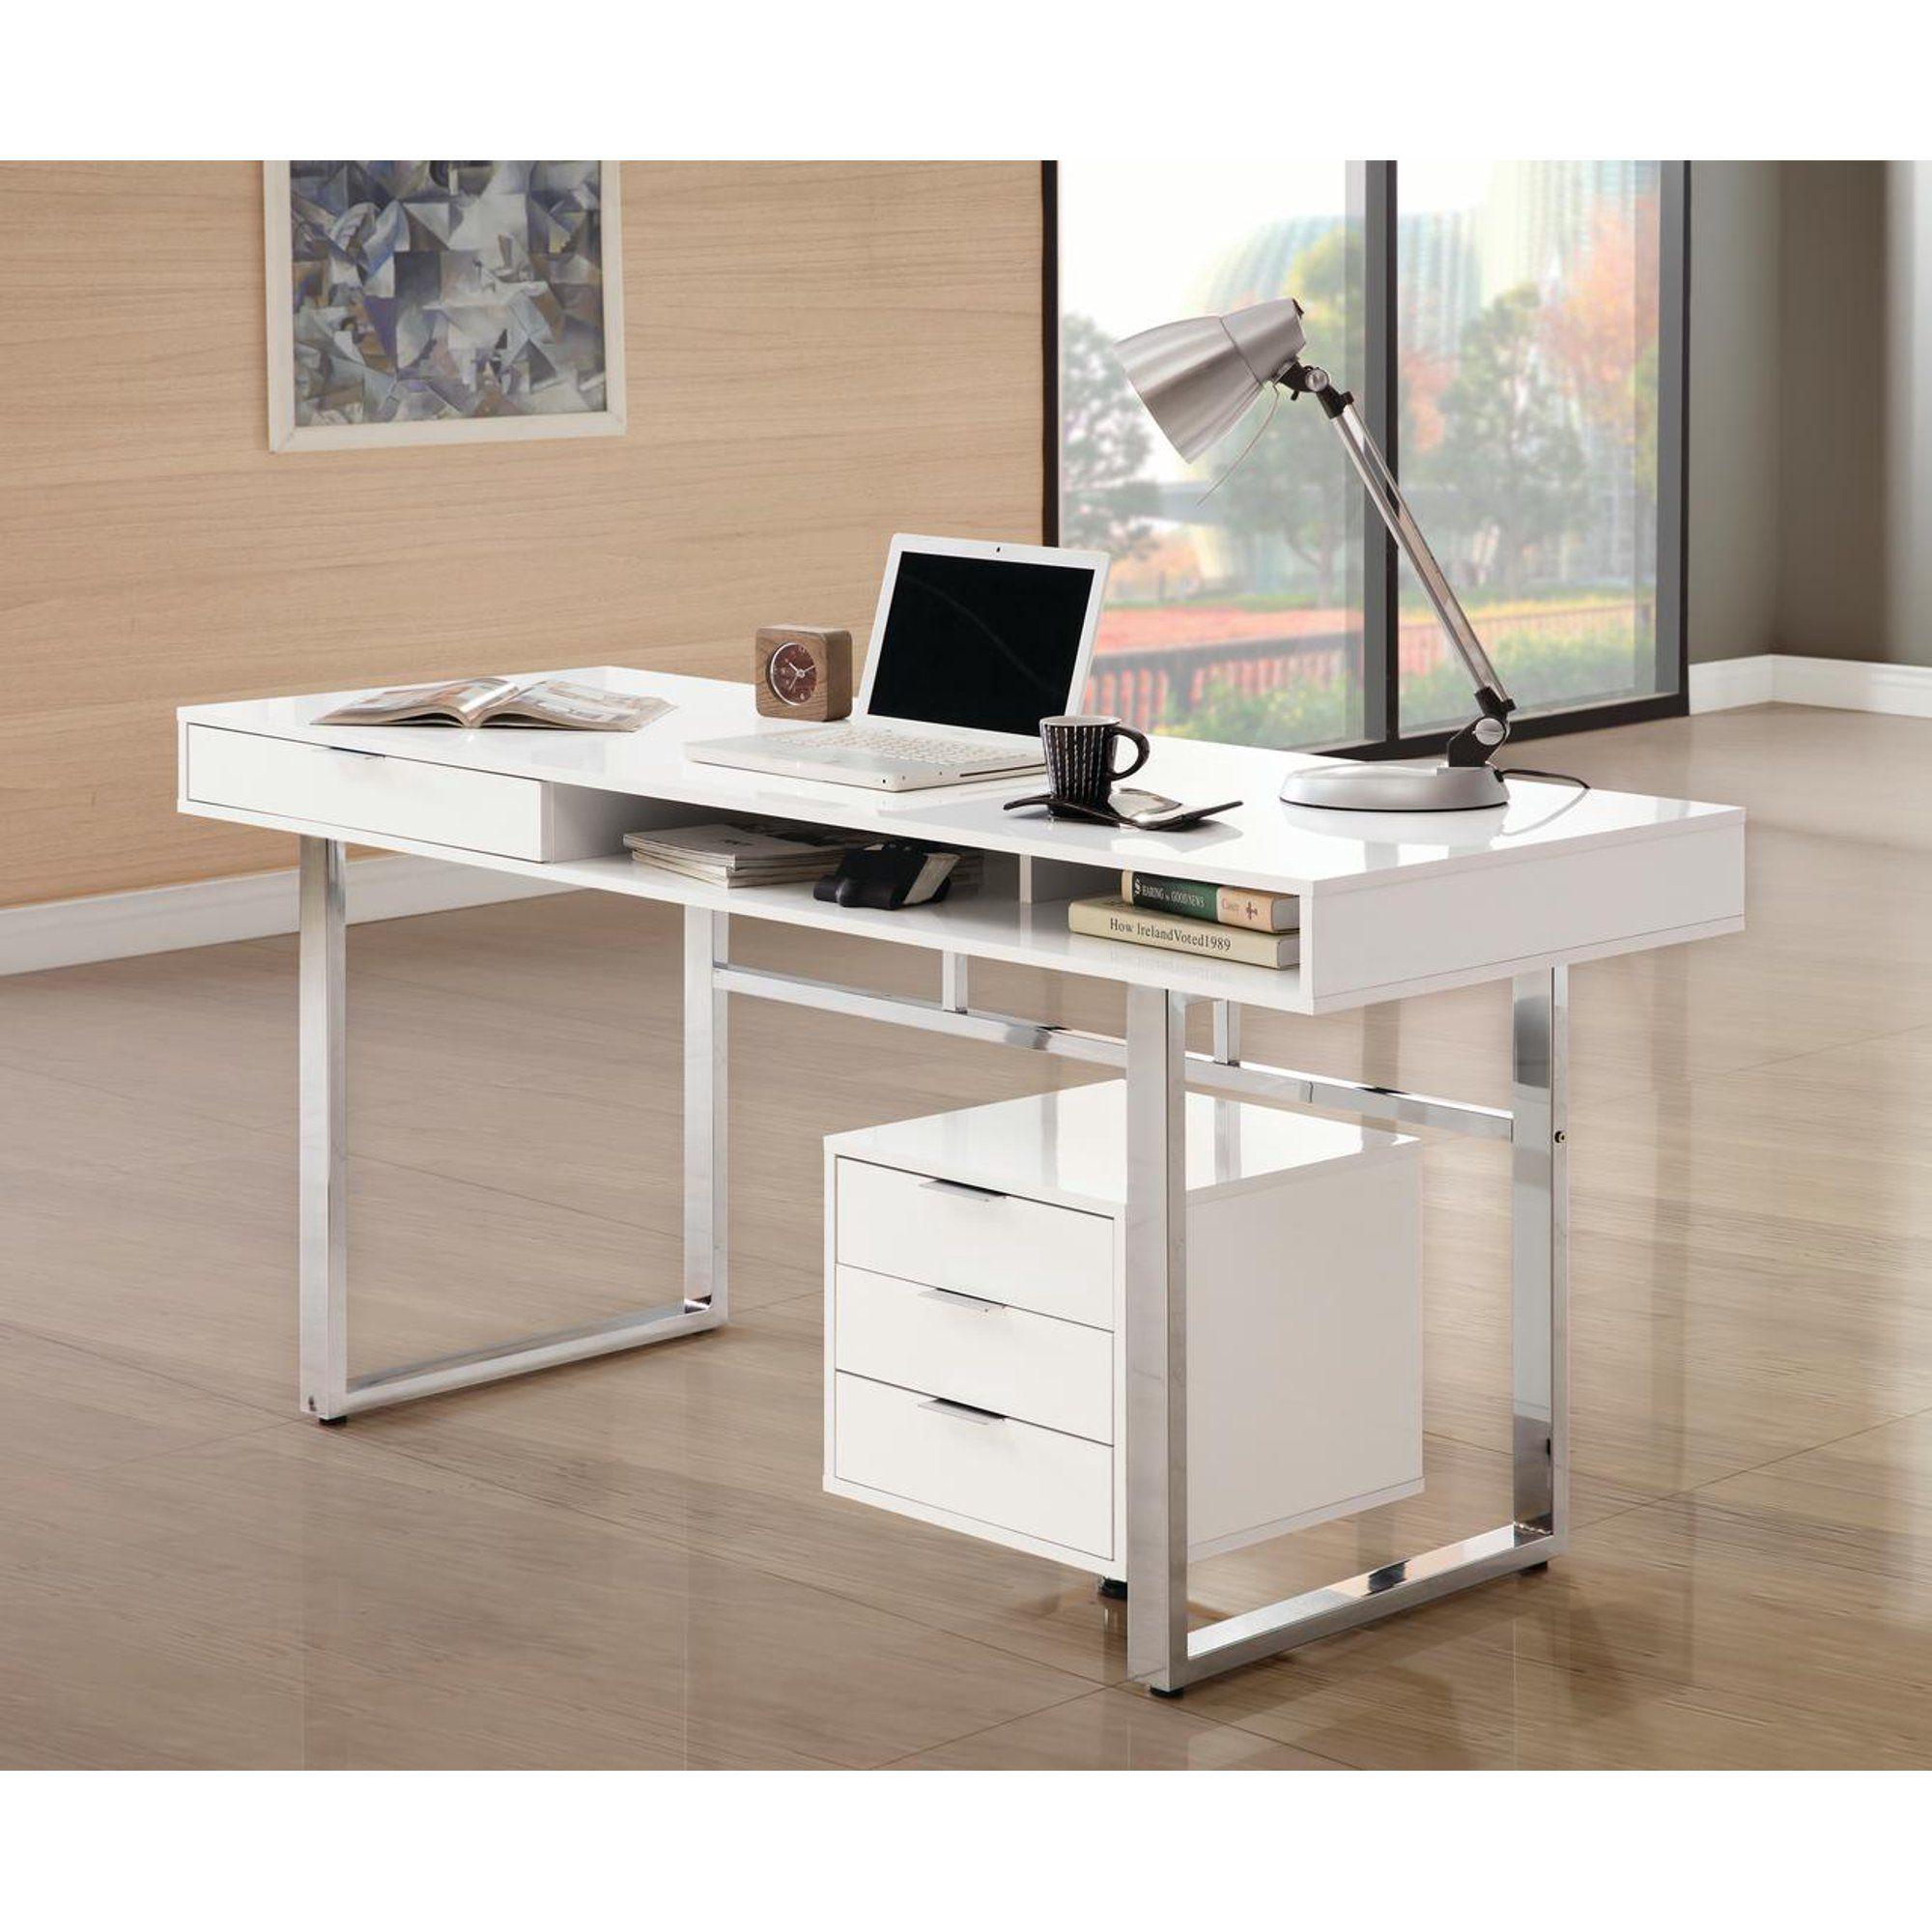 Corner Writing Desk Walmart Com Perfect For A Small Space Corner Writing Desk White Corner Desk Small Corner Desk